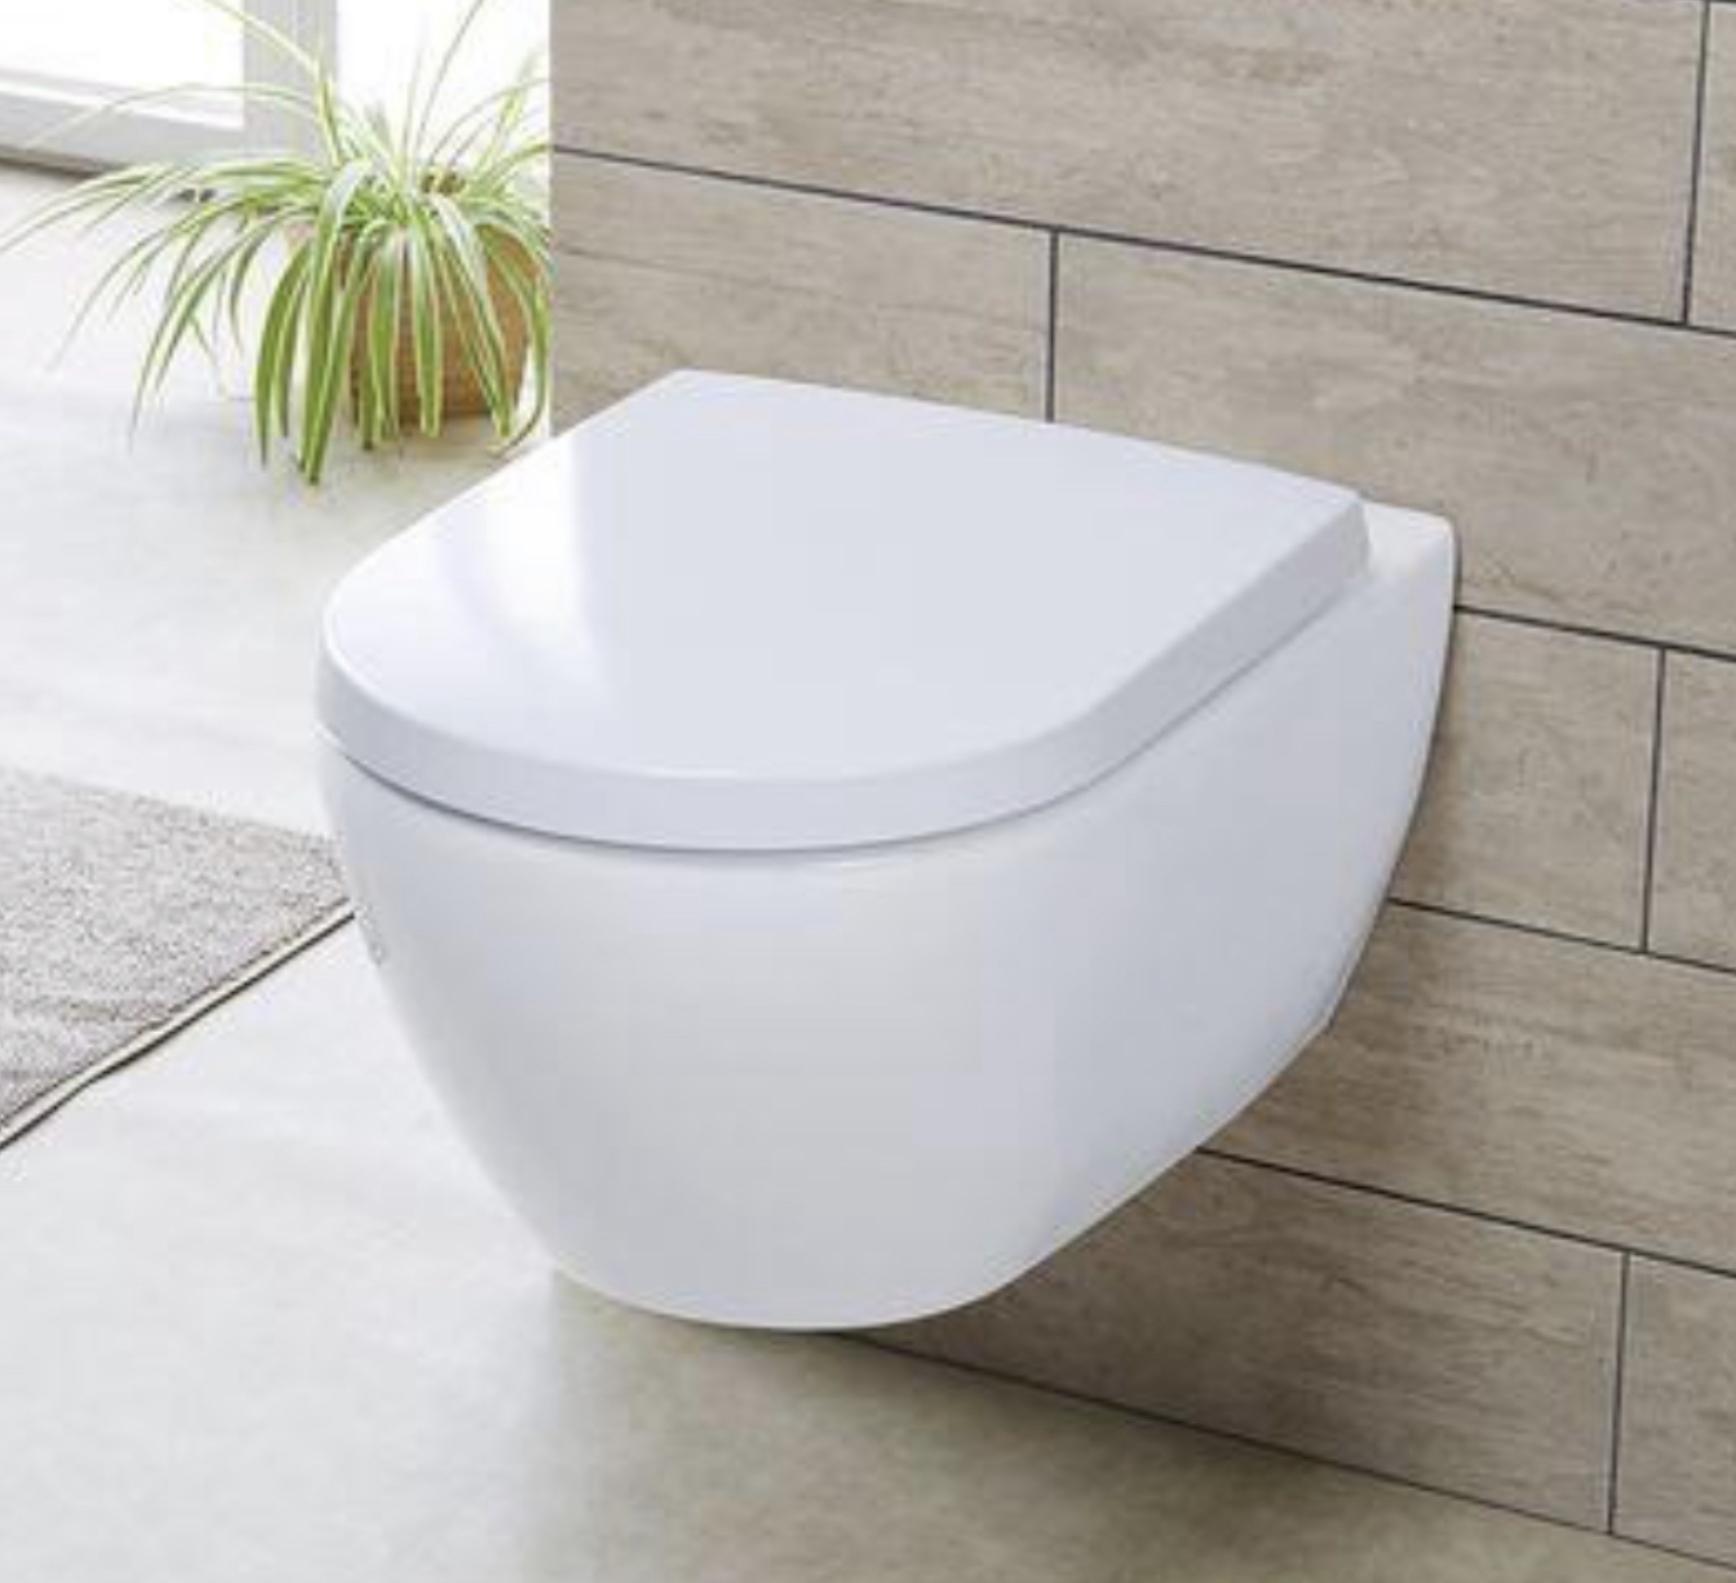 MIOMARE WC-Sitz mit geräuschloser Absenkautomatik moderne D-Form oder Oval Duroplast mit Edelstahlscharnieren u. Schnellverschluß für 12,99€